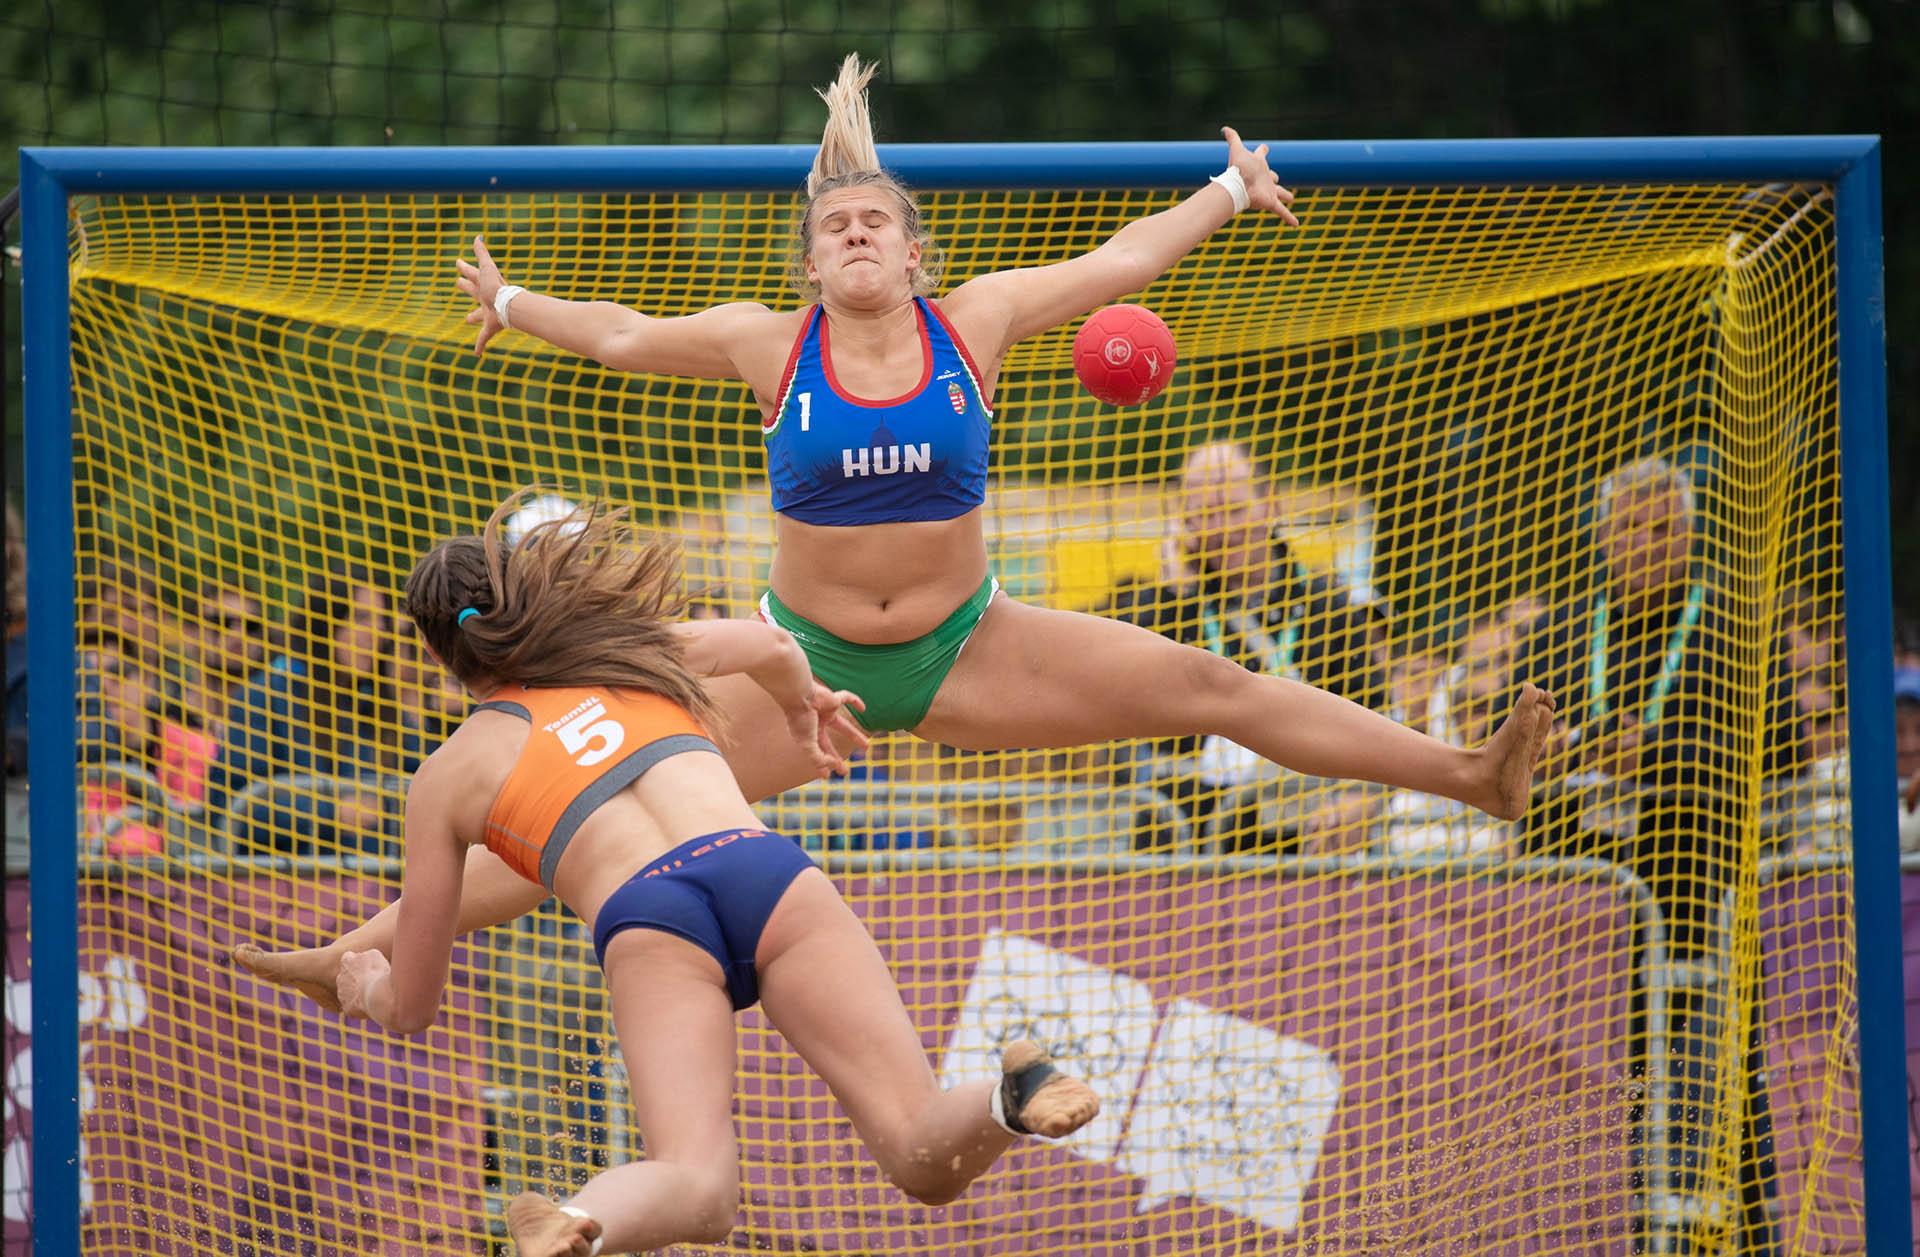 La arquera húngara Greta Hadfi of Hungary no logra detener el envío de la holandesa Marit Van Edeen el beach handball que se desarrolló en el Parque Sarmiento (Foto:REUTERS)